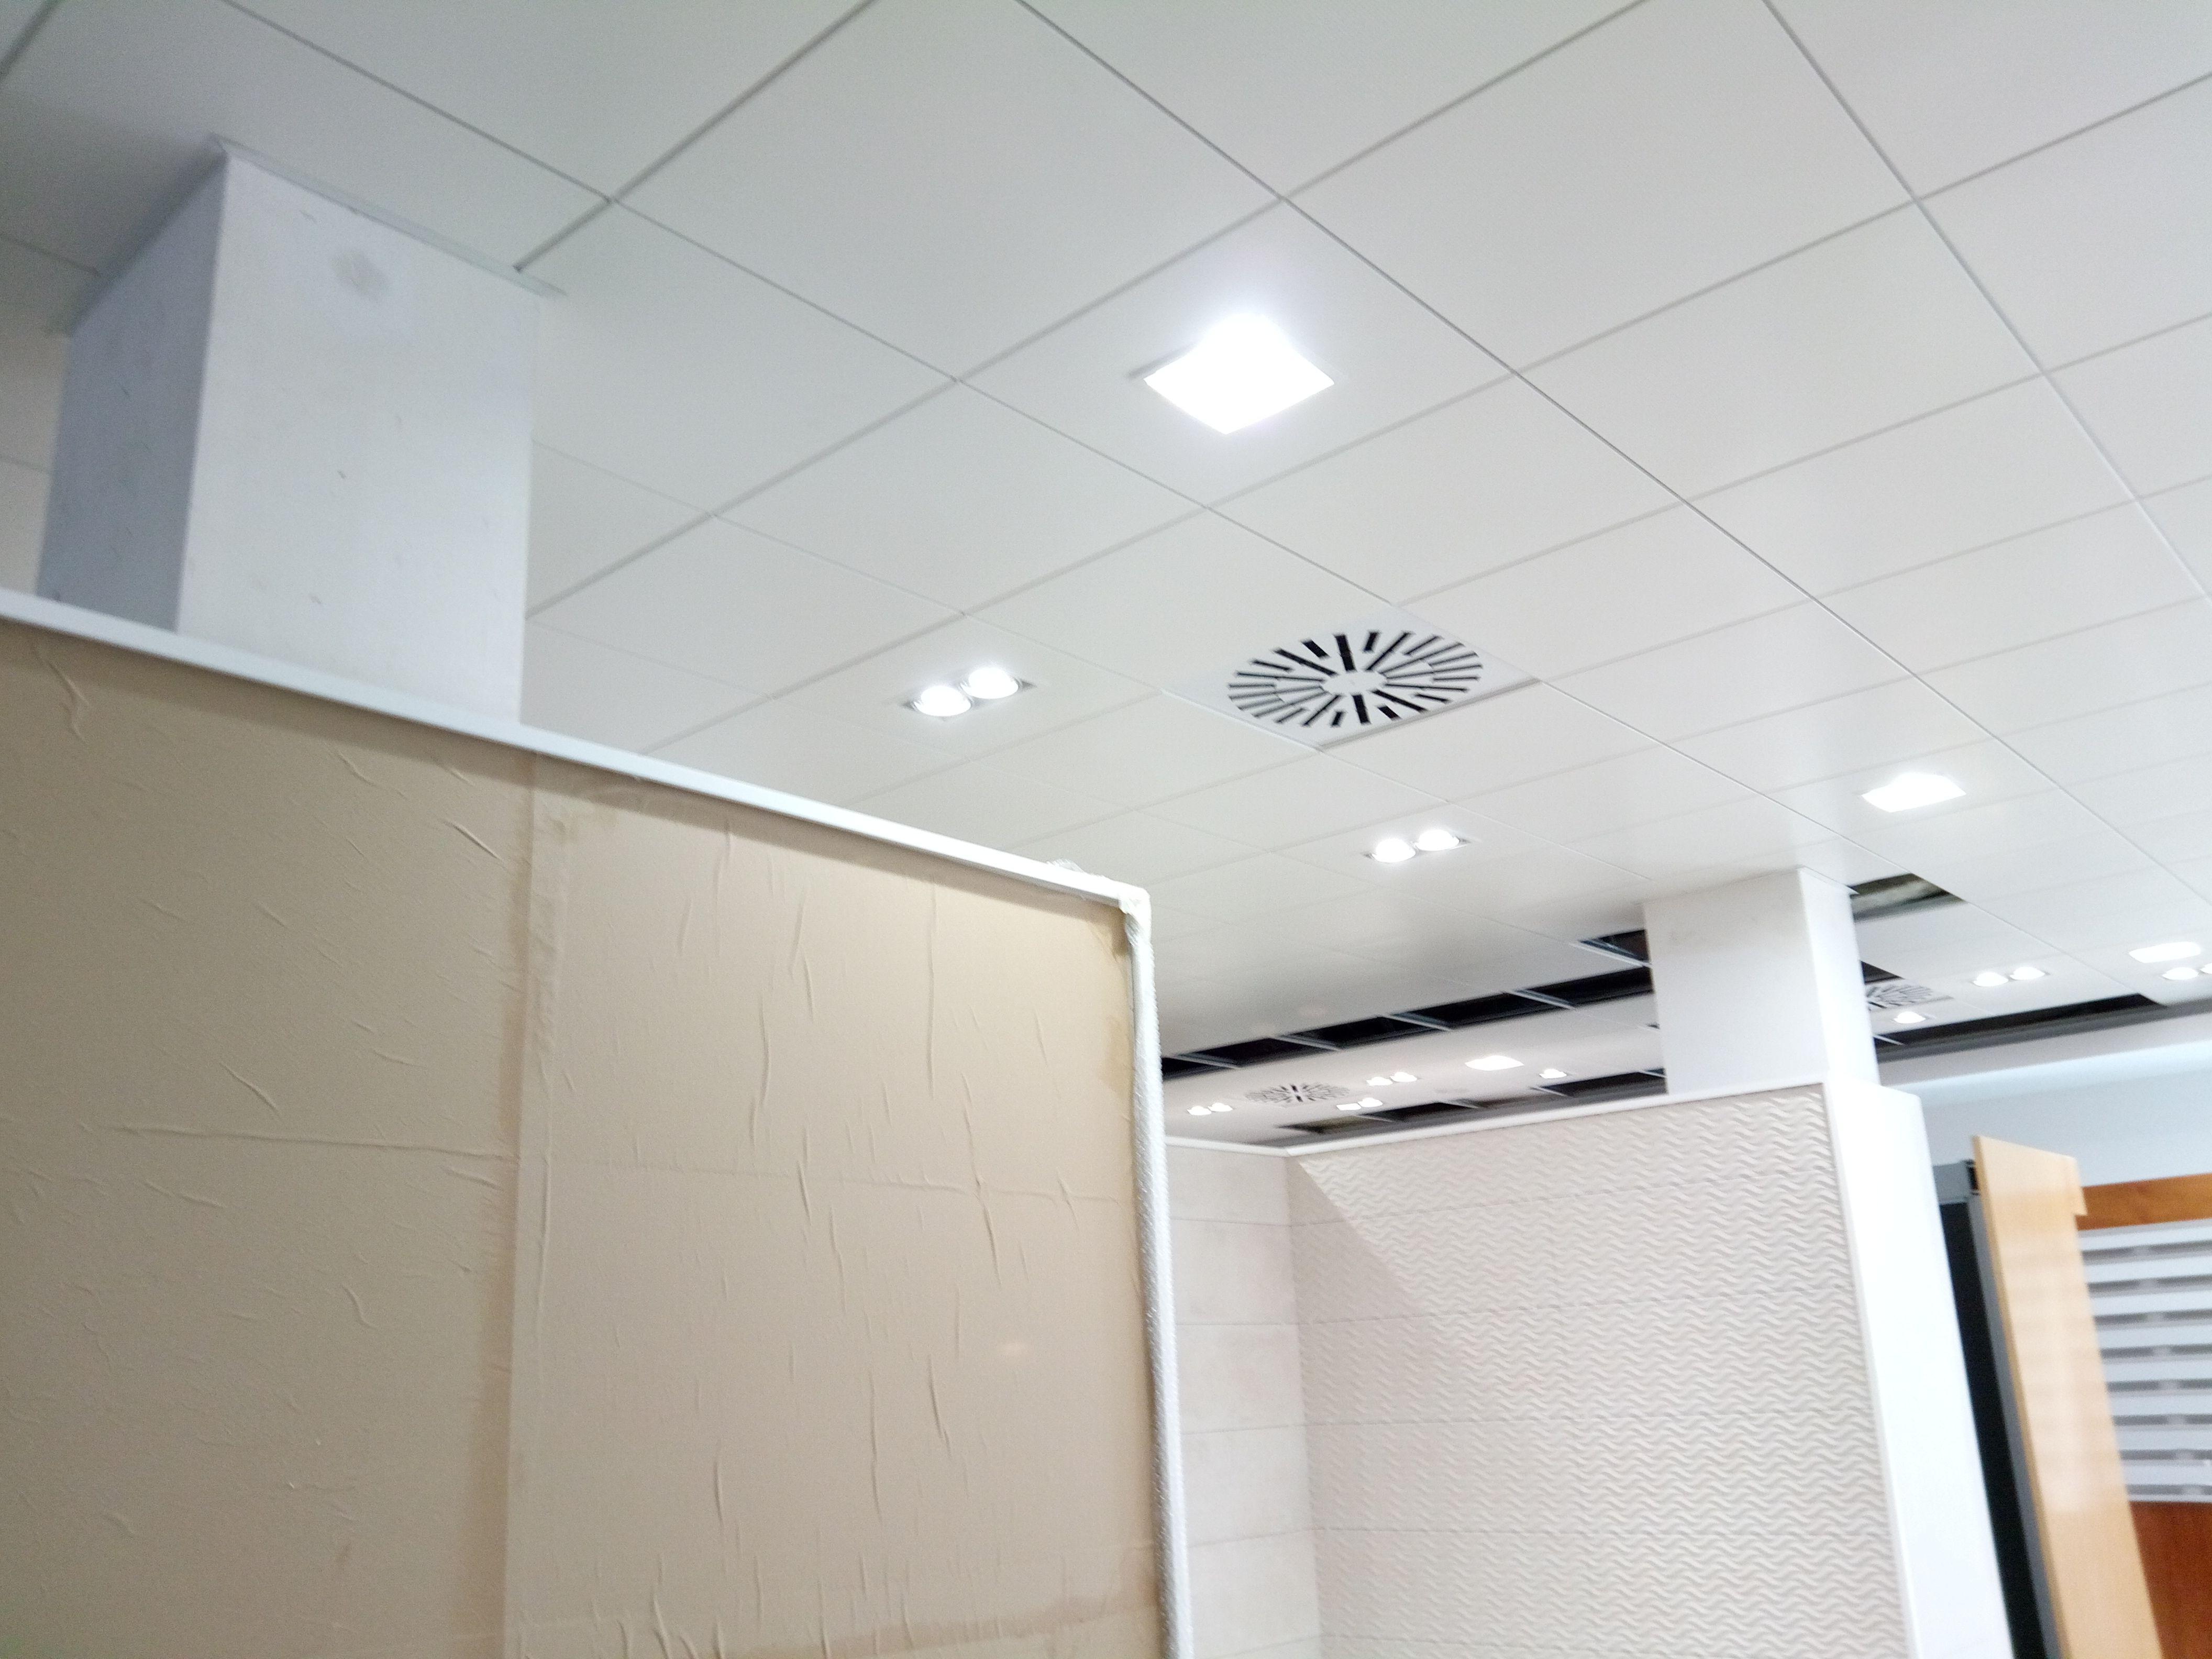 Foto 58 de Aislamientos acústicos y térmicos en Almería | Acoustic Drywall